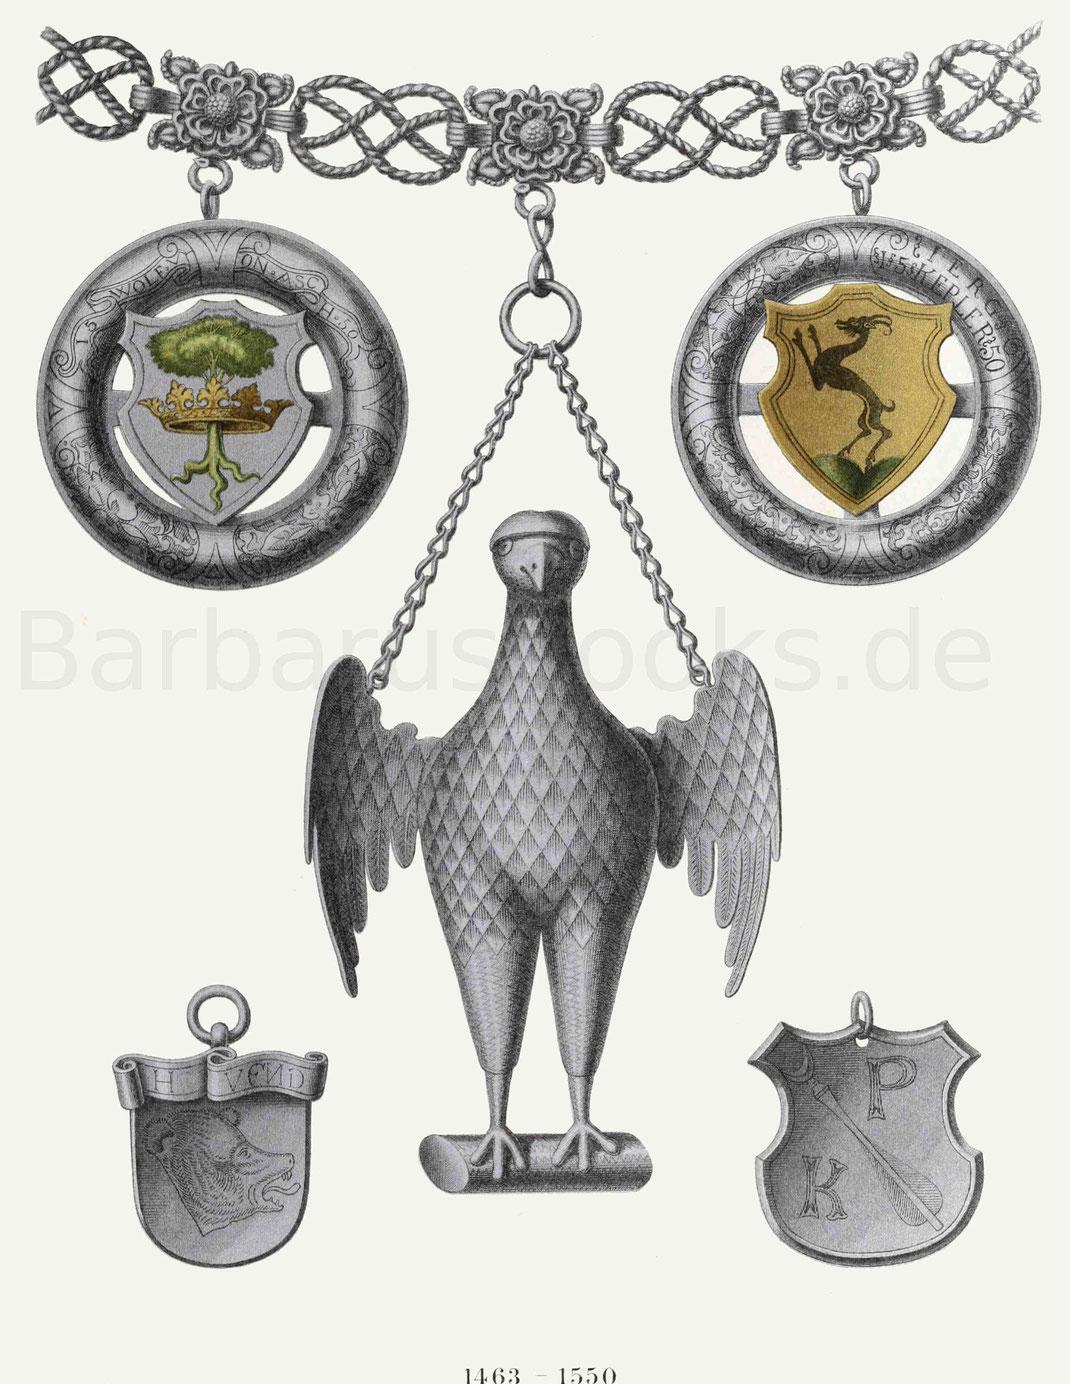 Bestandteile der silbernen Schützenkette aus dem Rathaus zu München (1463–1550).